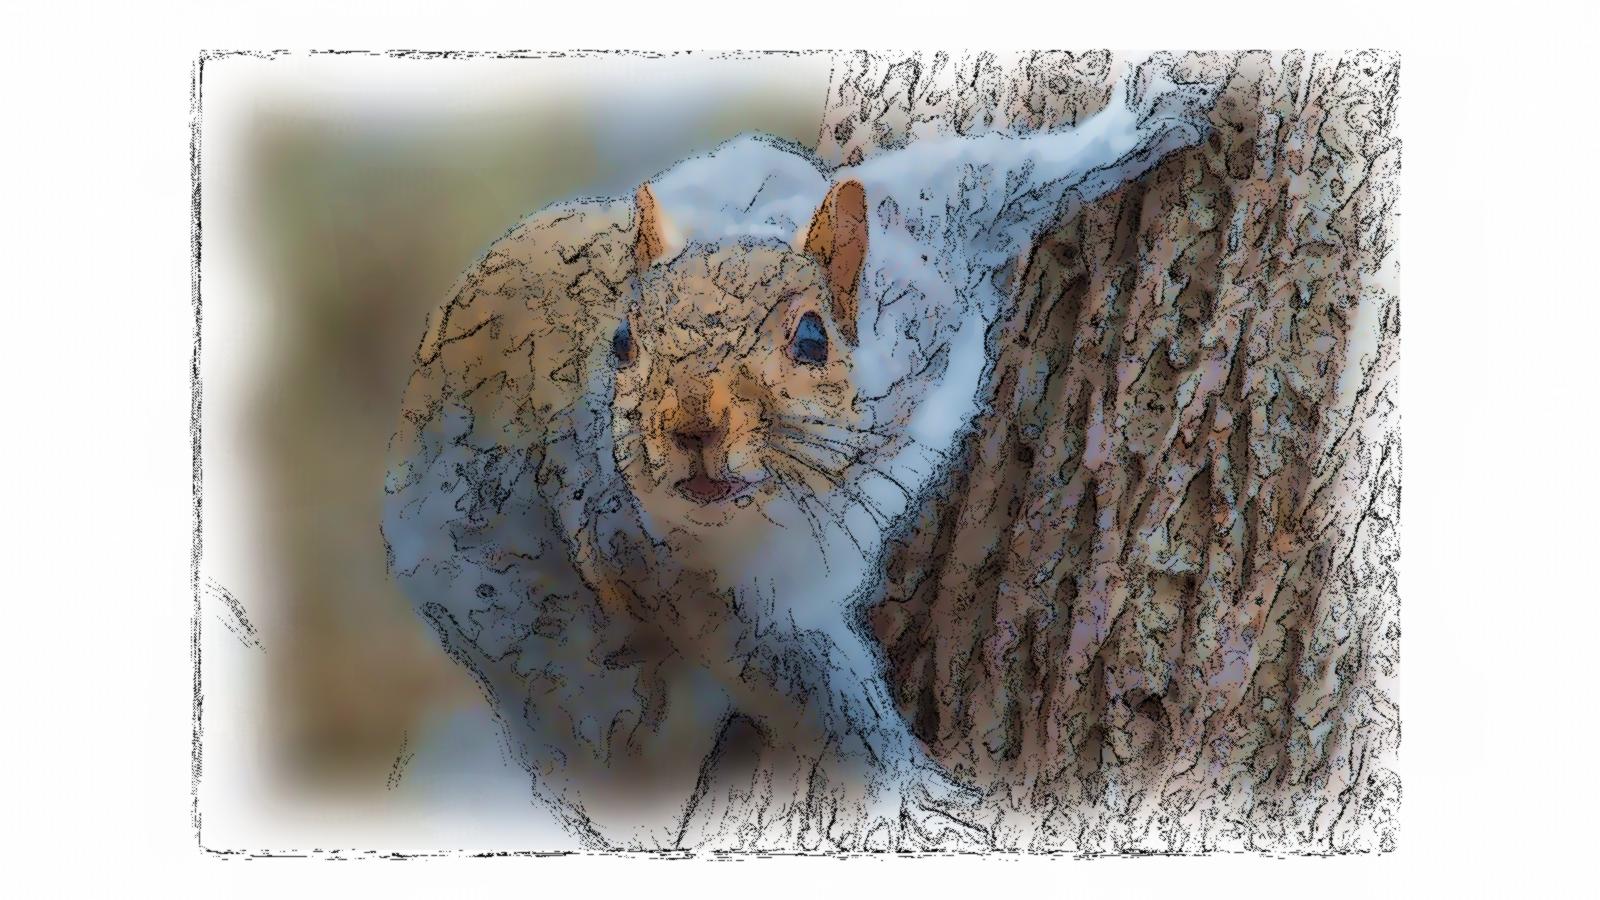 SquirrelP.jpg